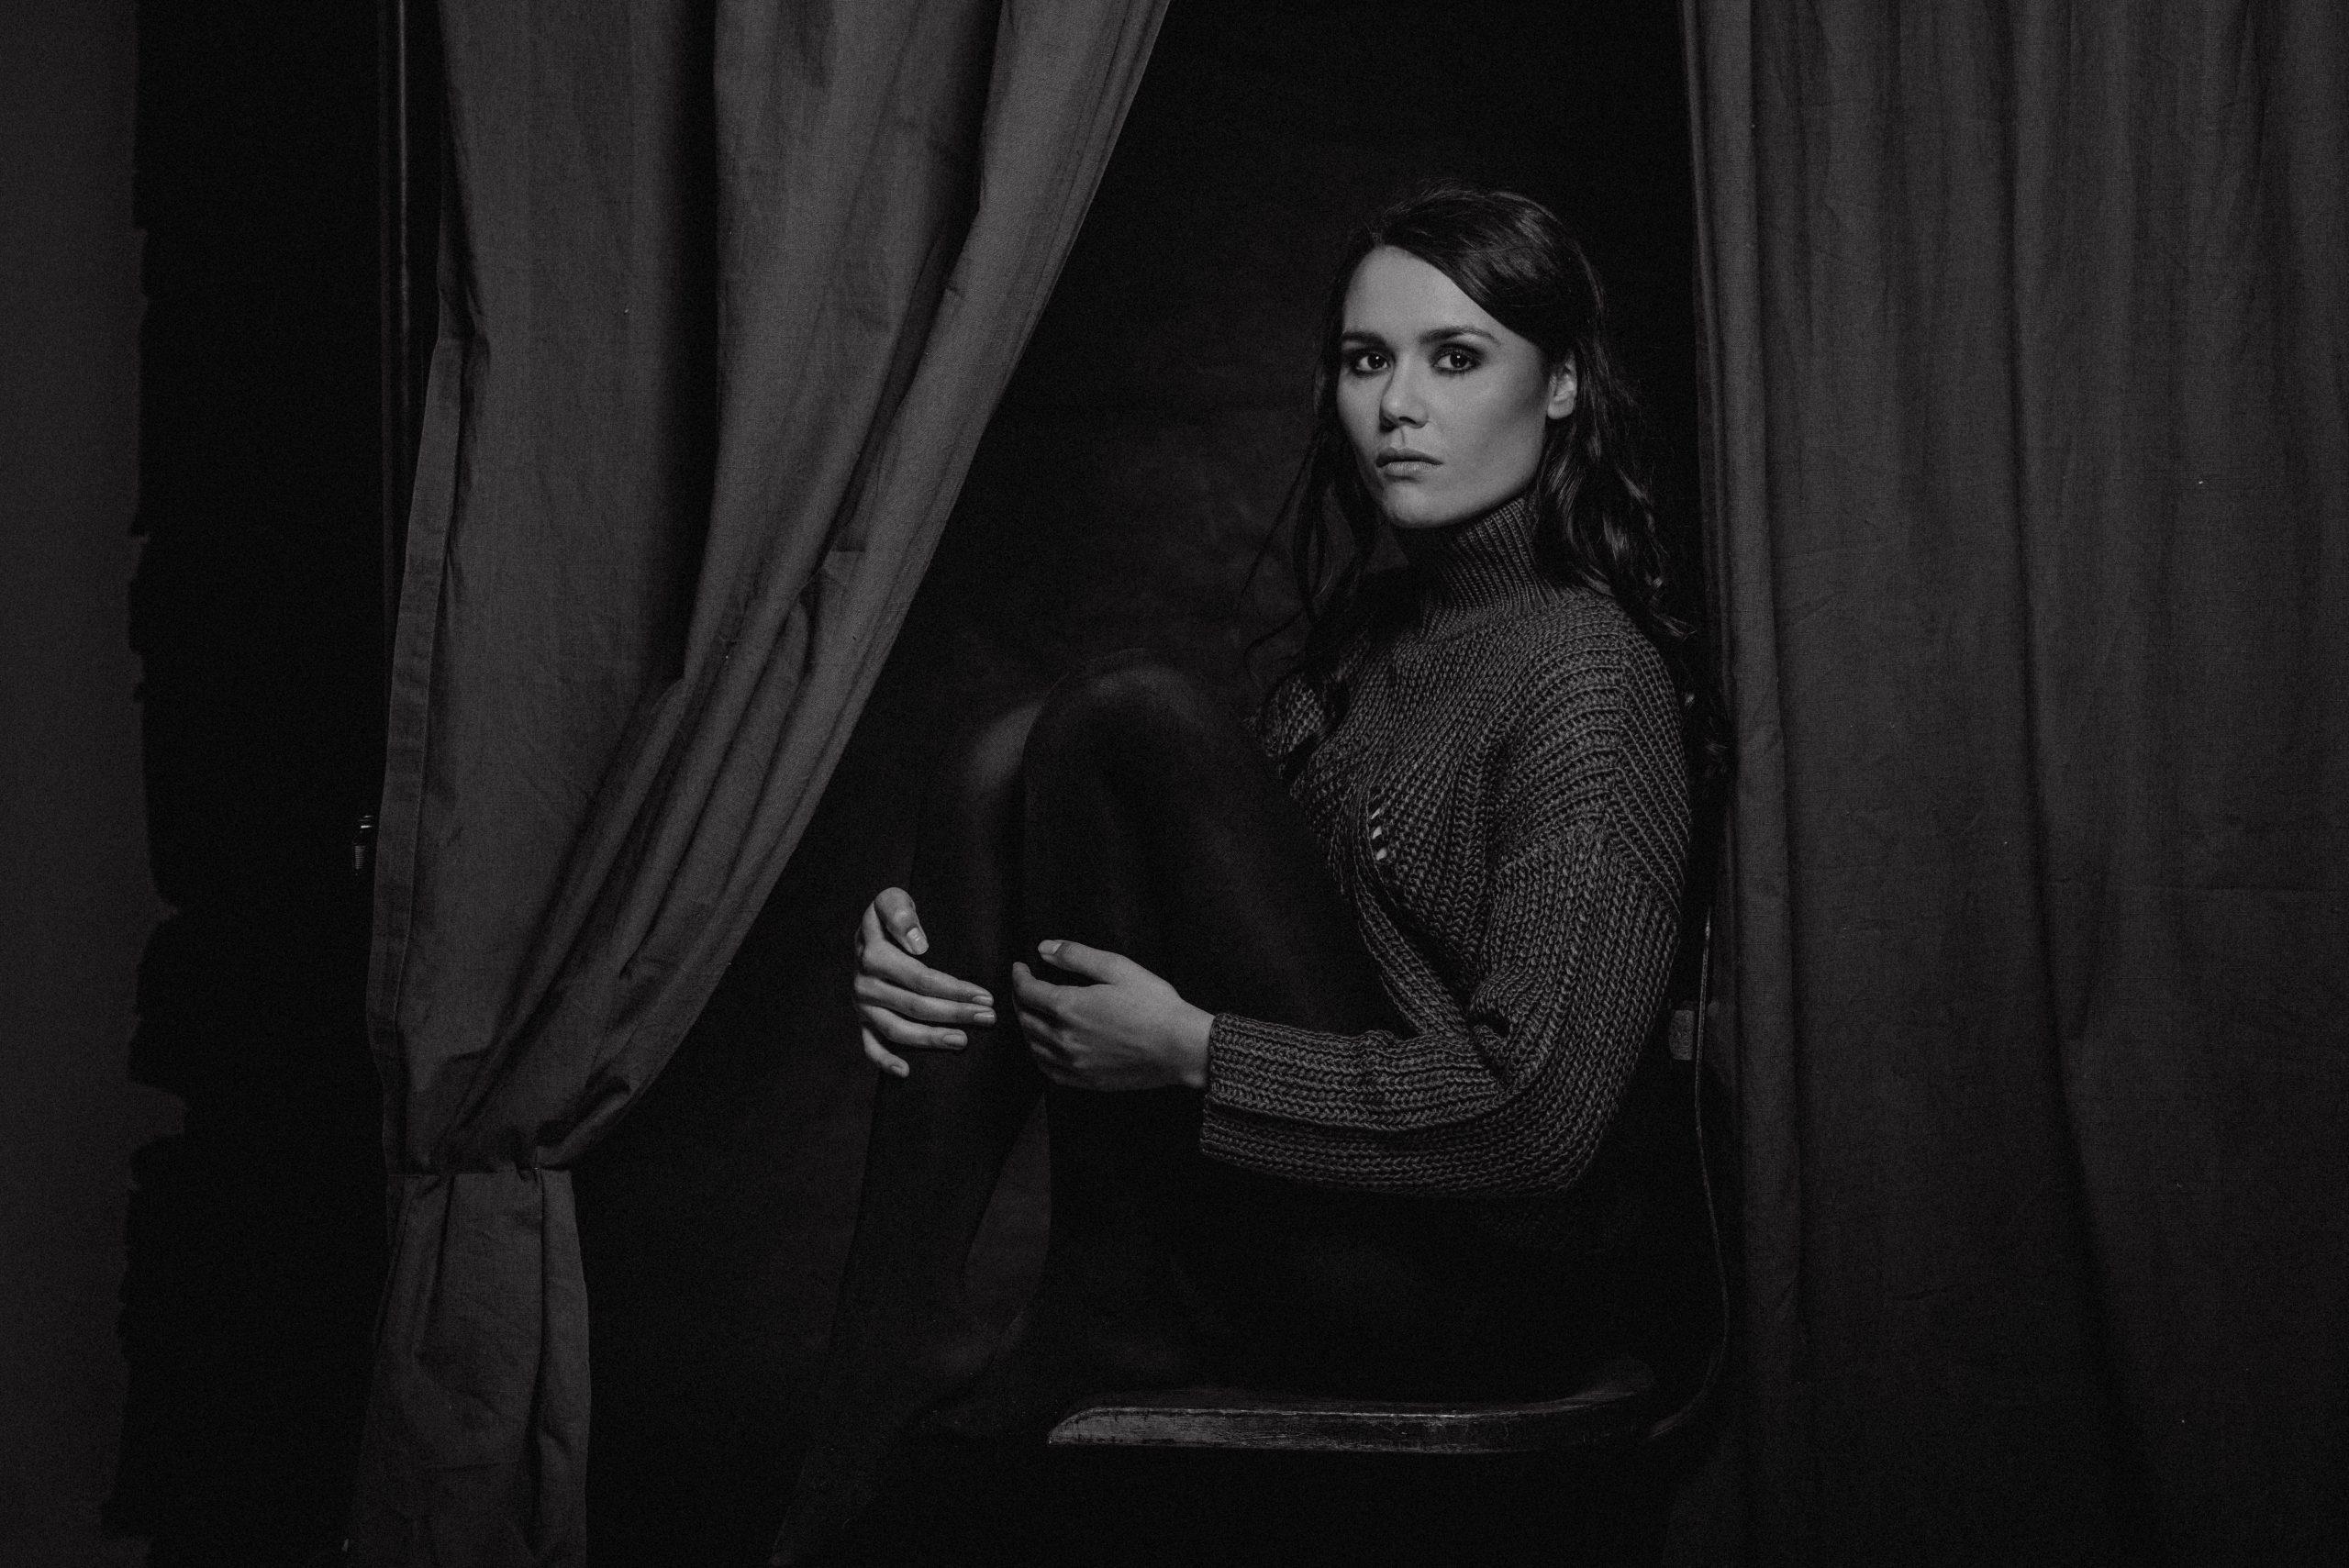 Frau sitzt auf Stuhl hinter Vorhang